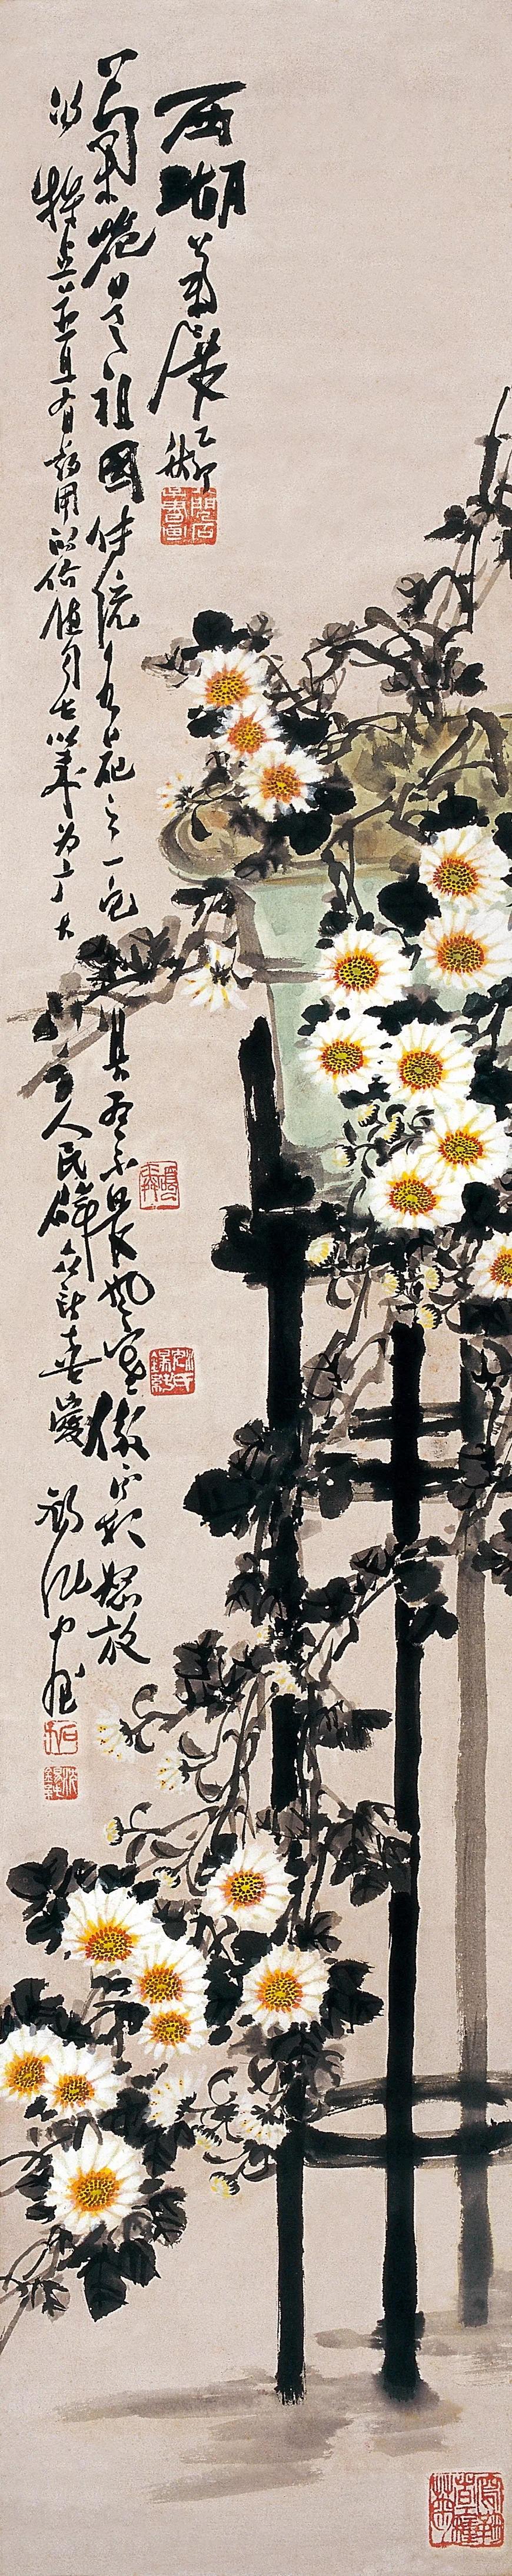 展览|福建省文化厅·闽籍书画名家抢救工程 沈锡纯中国画作品展